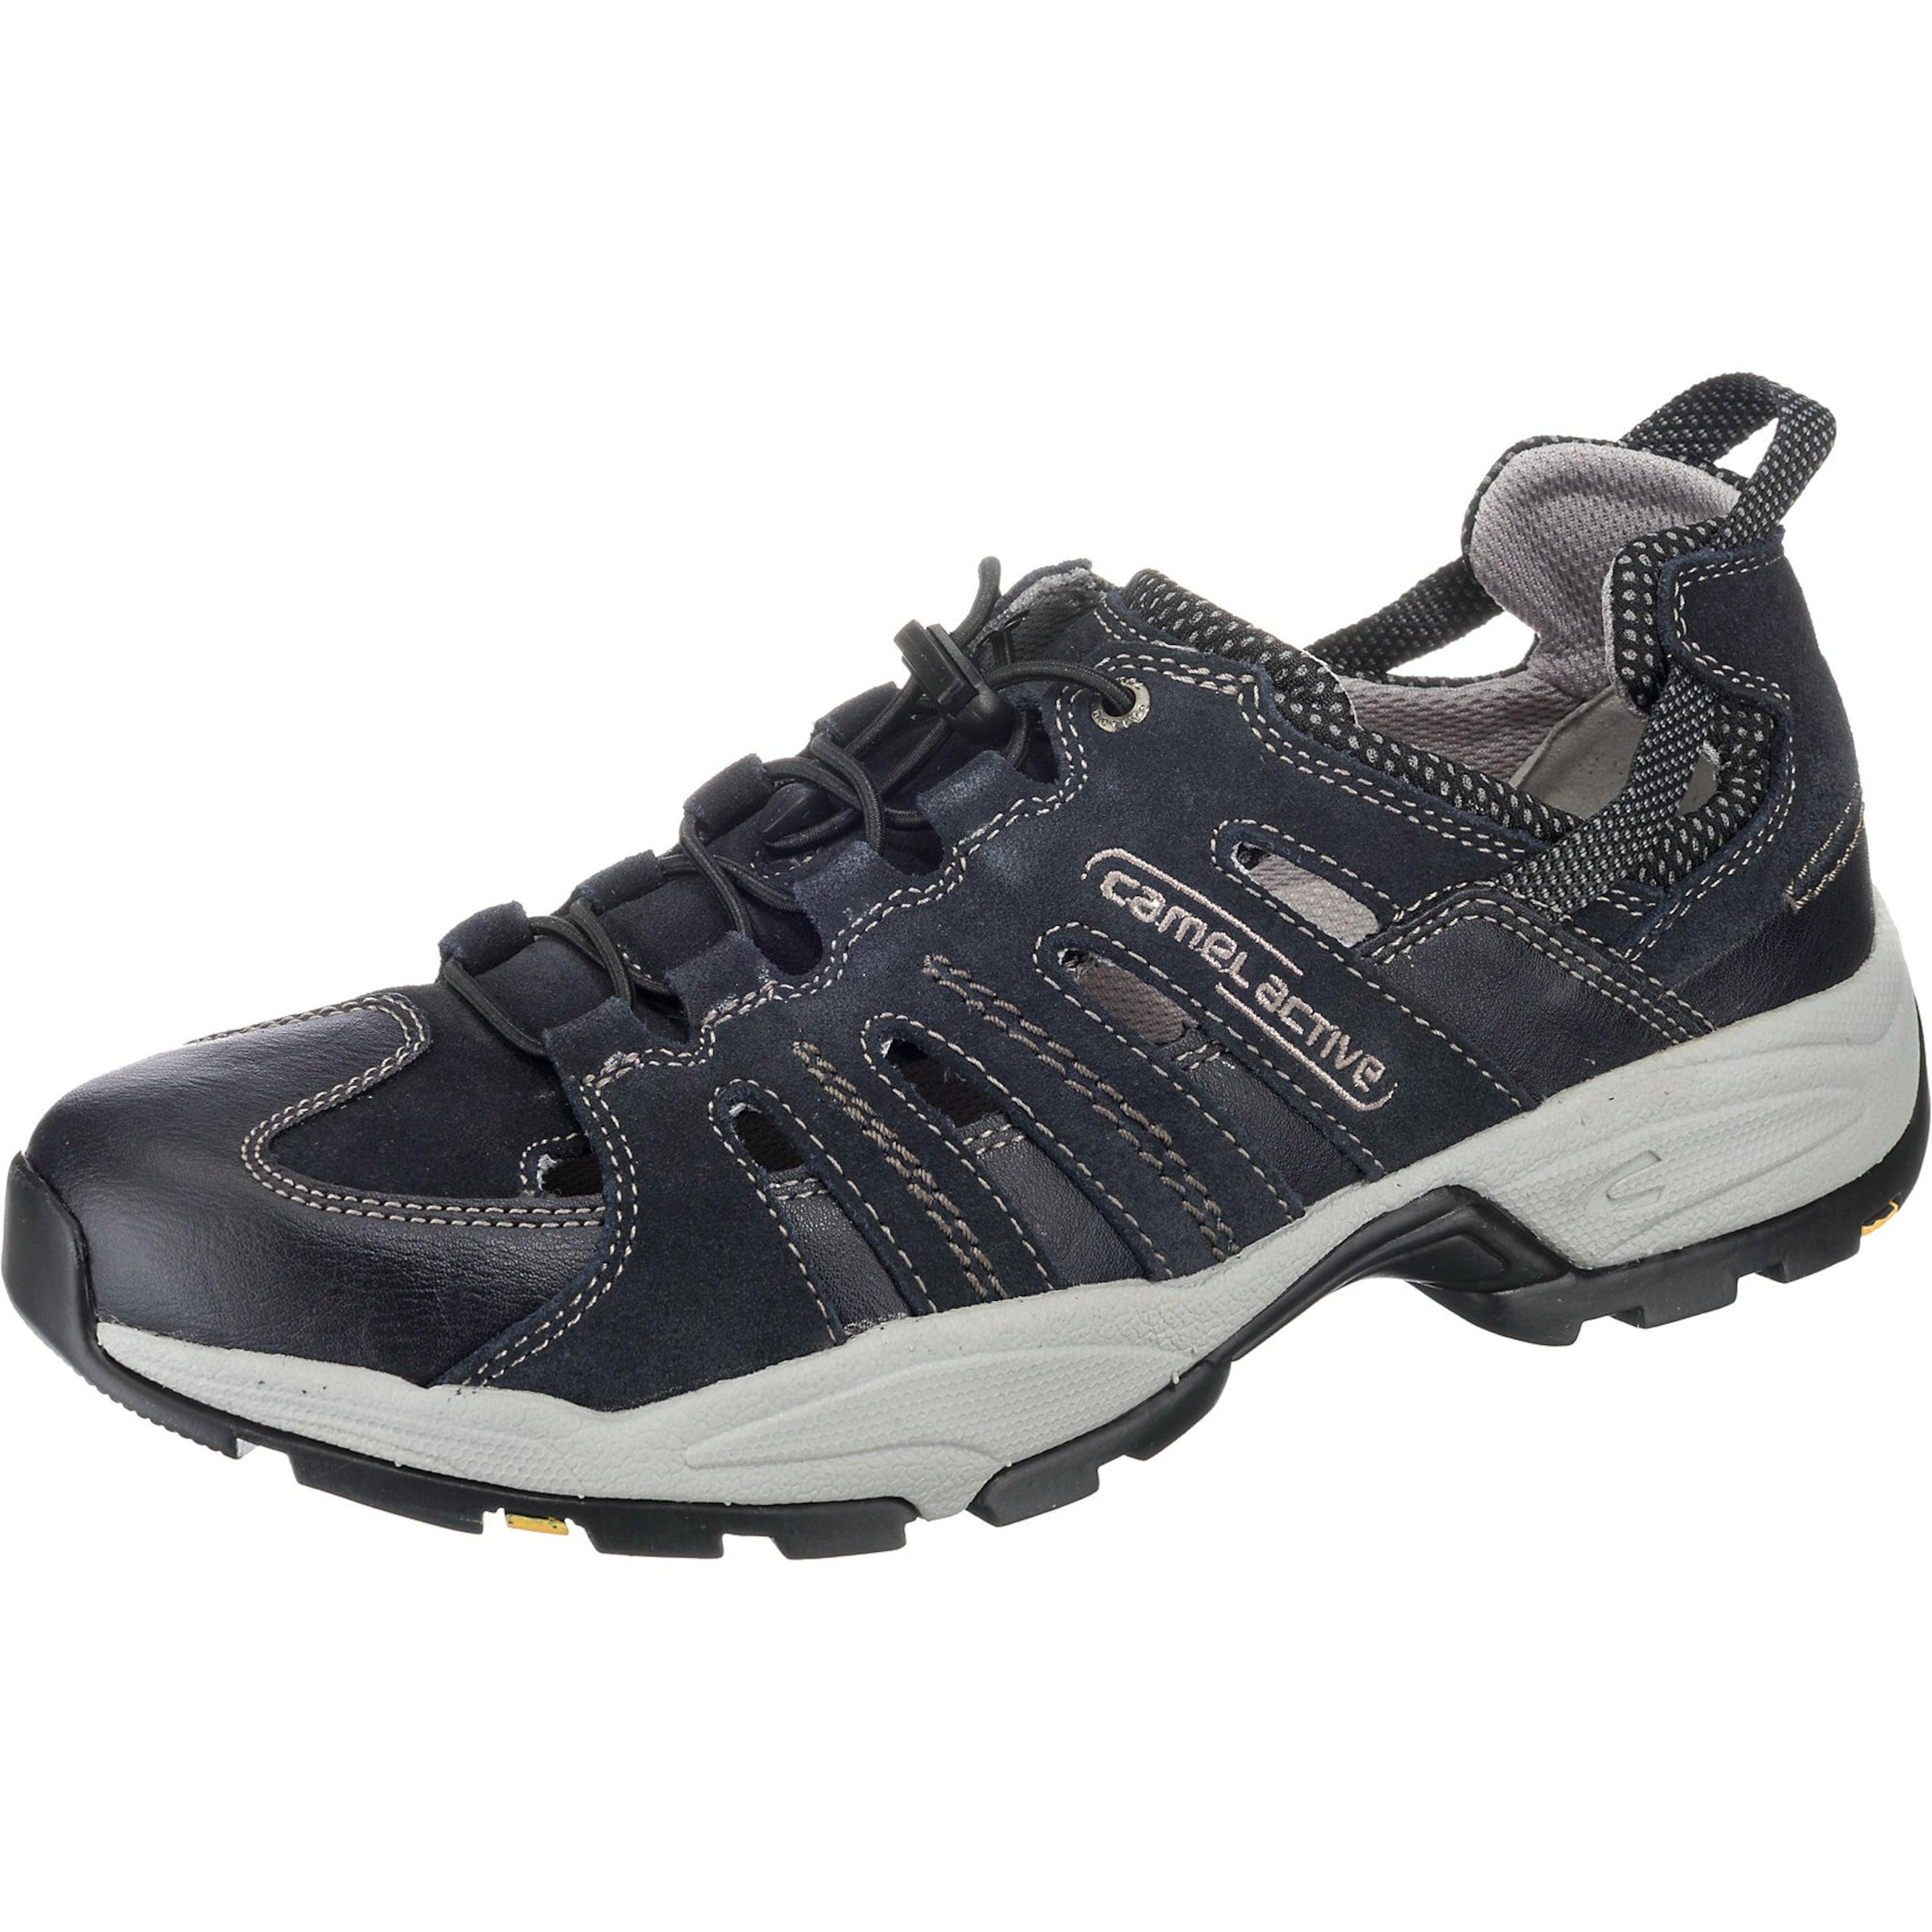 CAMEL ACTIVE | Offene Halbschuhe 'Evolution 21' Schuhe Gut getragene Schuhe